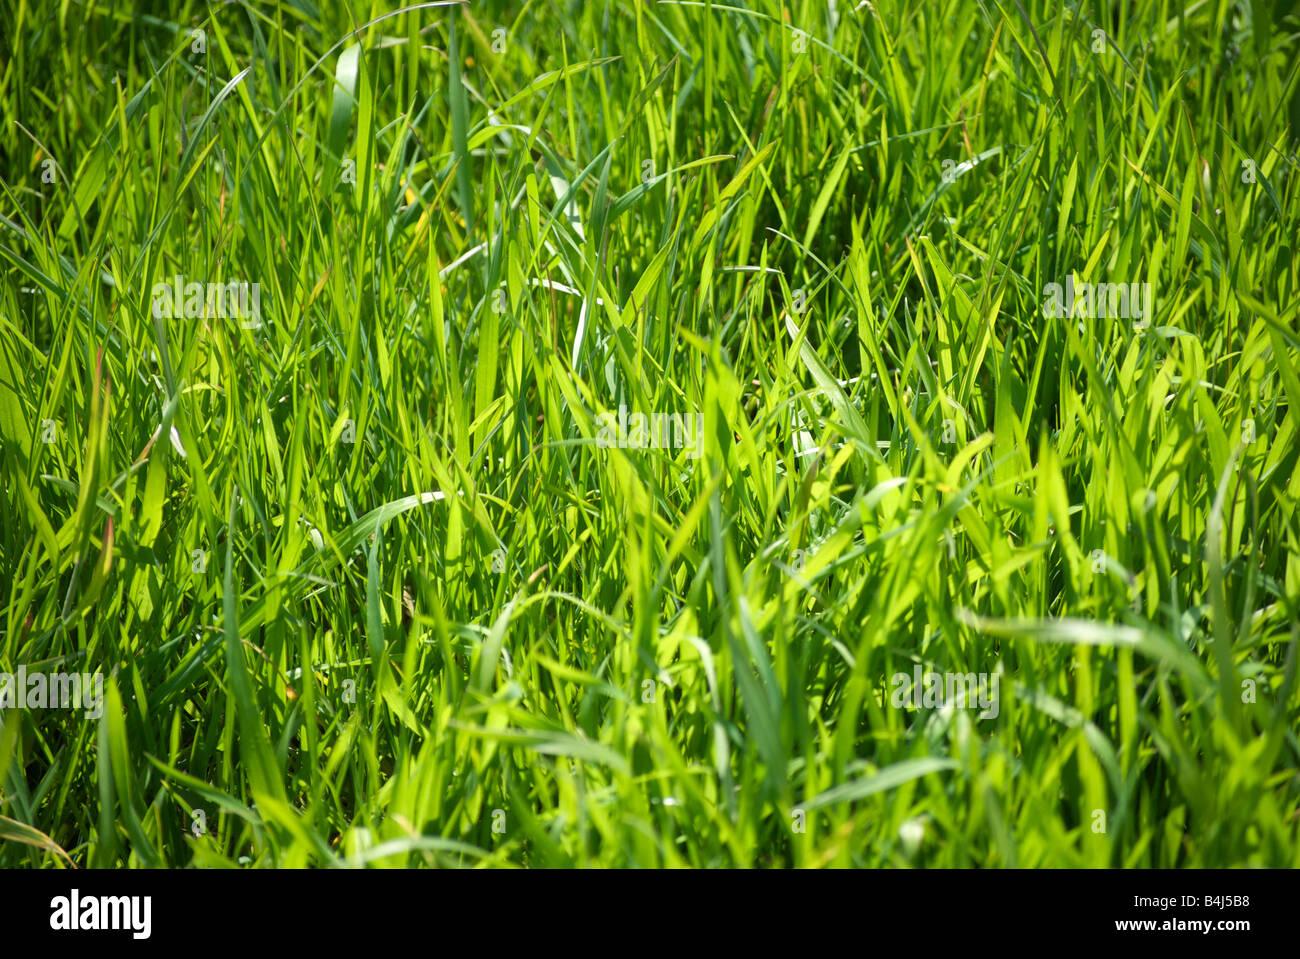 La luce del sole splende fortemente su una chiazza di verde di media lunghezza erba. Immagini Stock